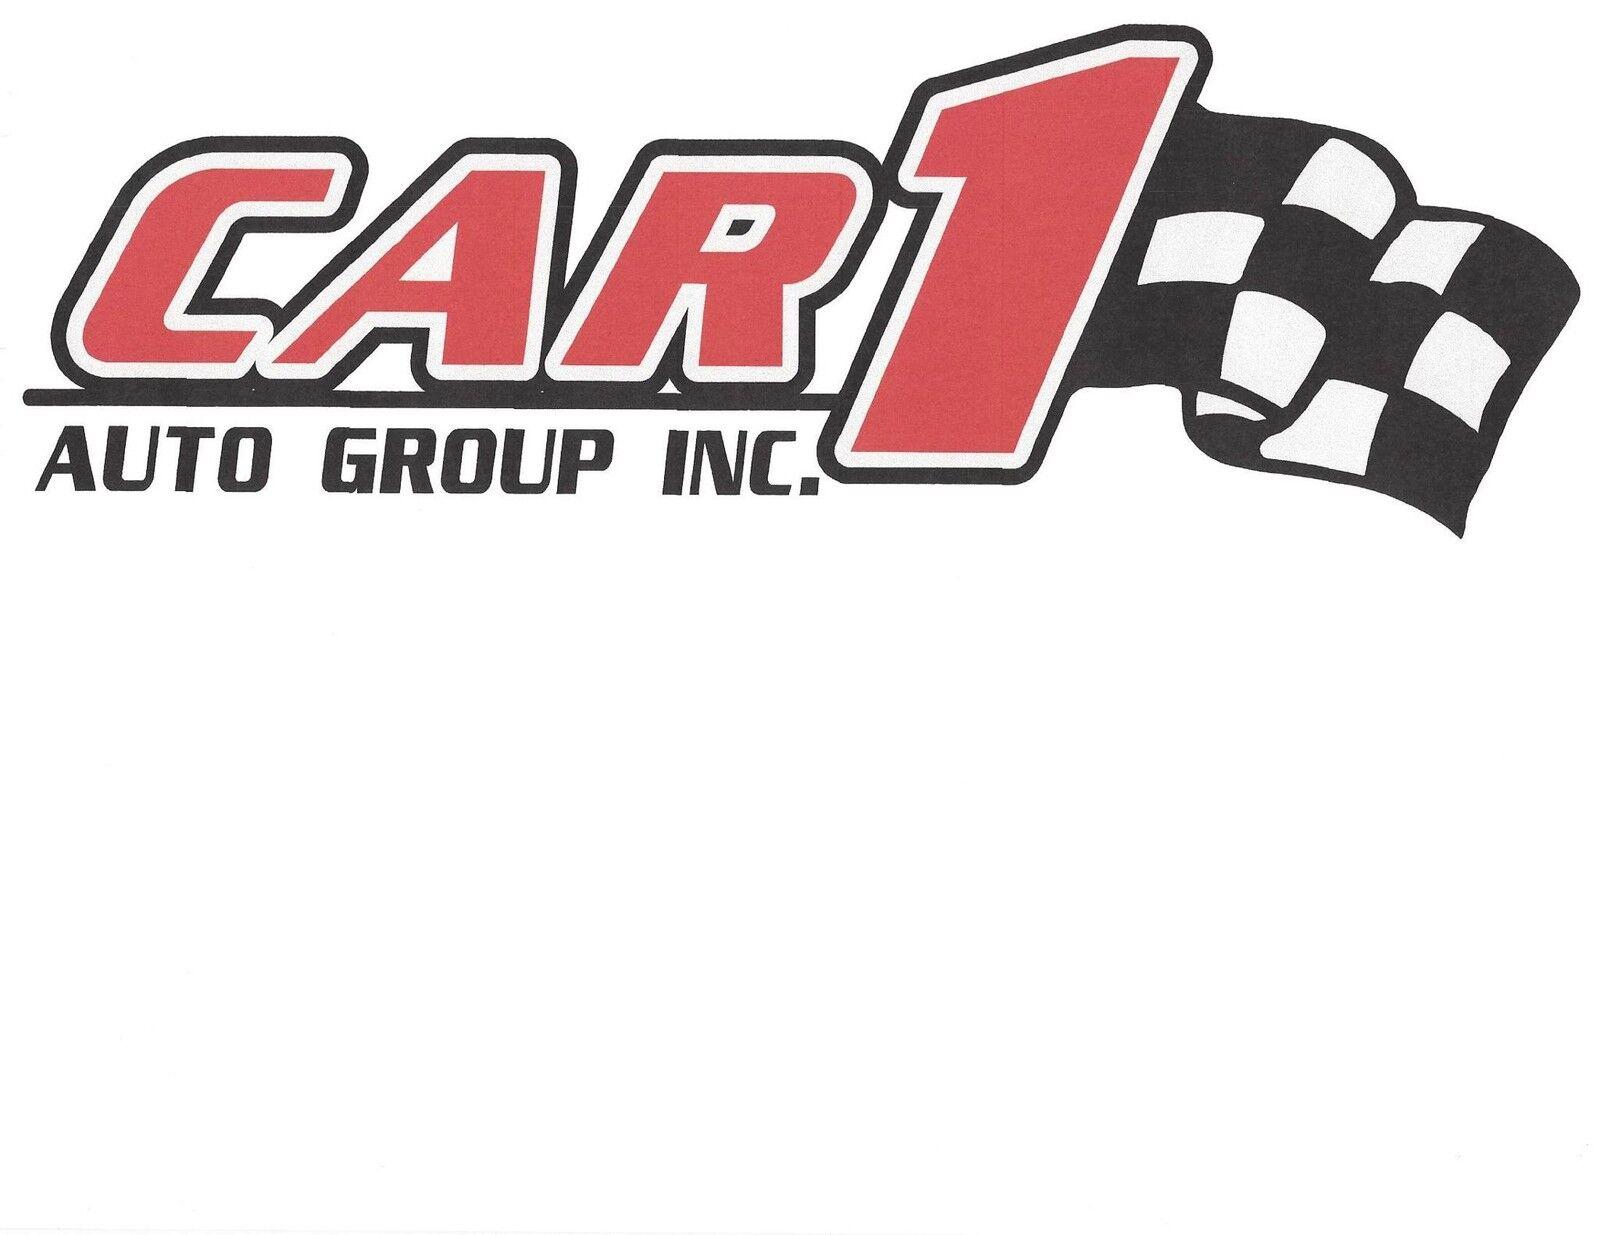 Car 1 Auto Group Inc.